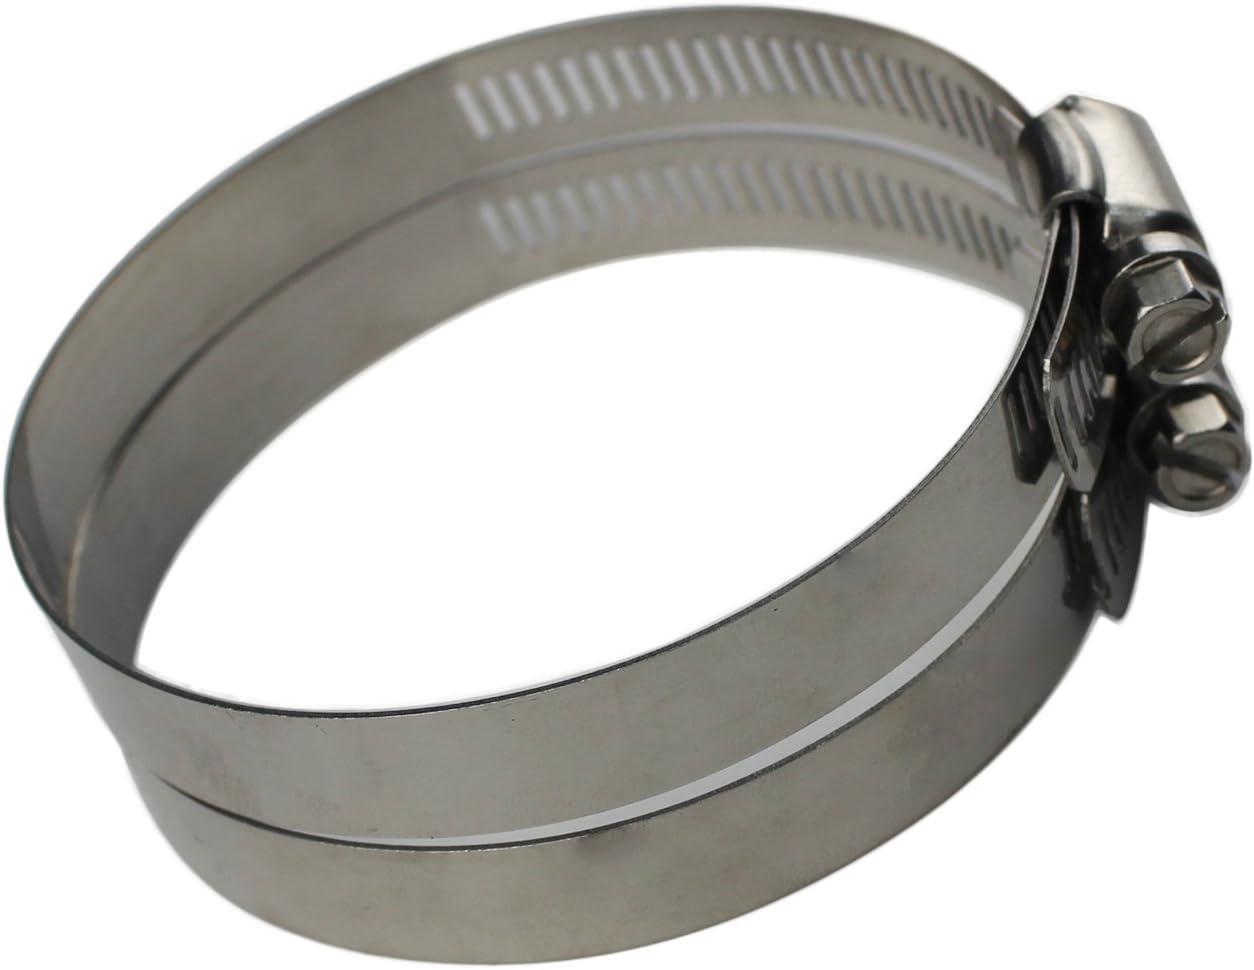 10 piezas 40-64mm acero inoxidable aro ajustable tornillo para abrazadera de manguera